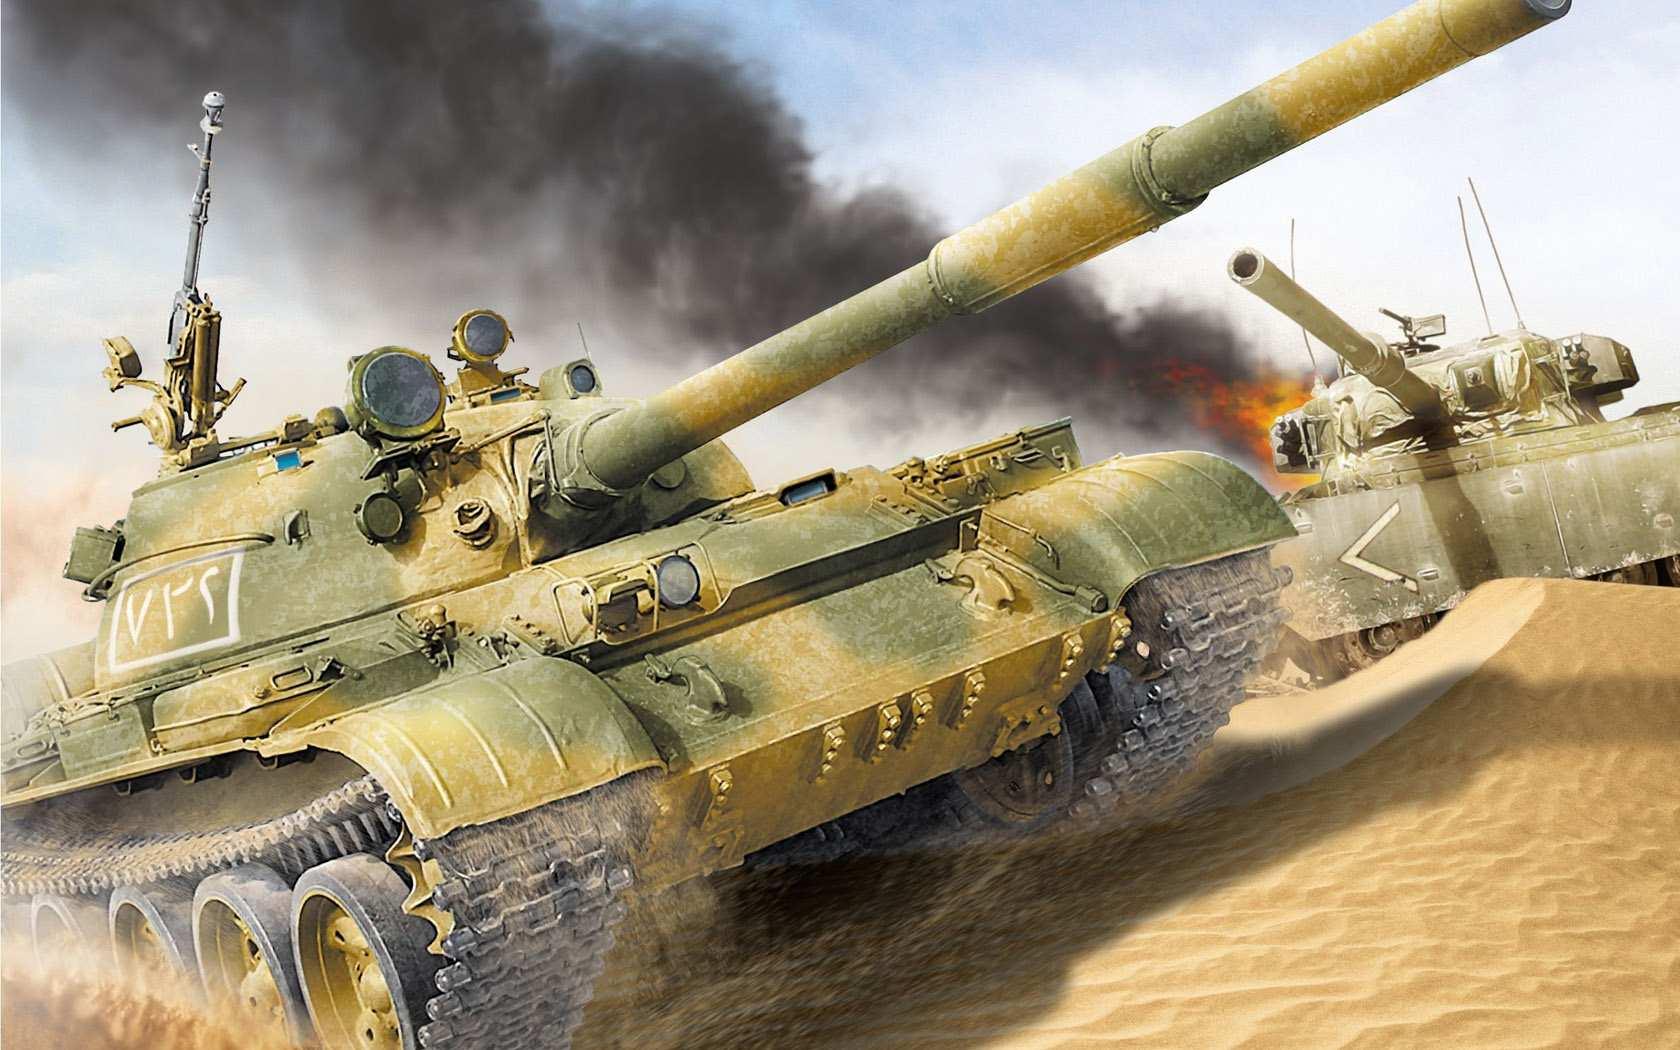 Русские танки спасают танкистов в Сирии от ракет TOW: боевикам мерещатся уничтоженные Т-90 (ВИДЕО)  | Русская весна